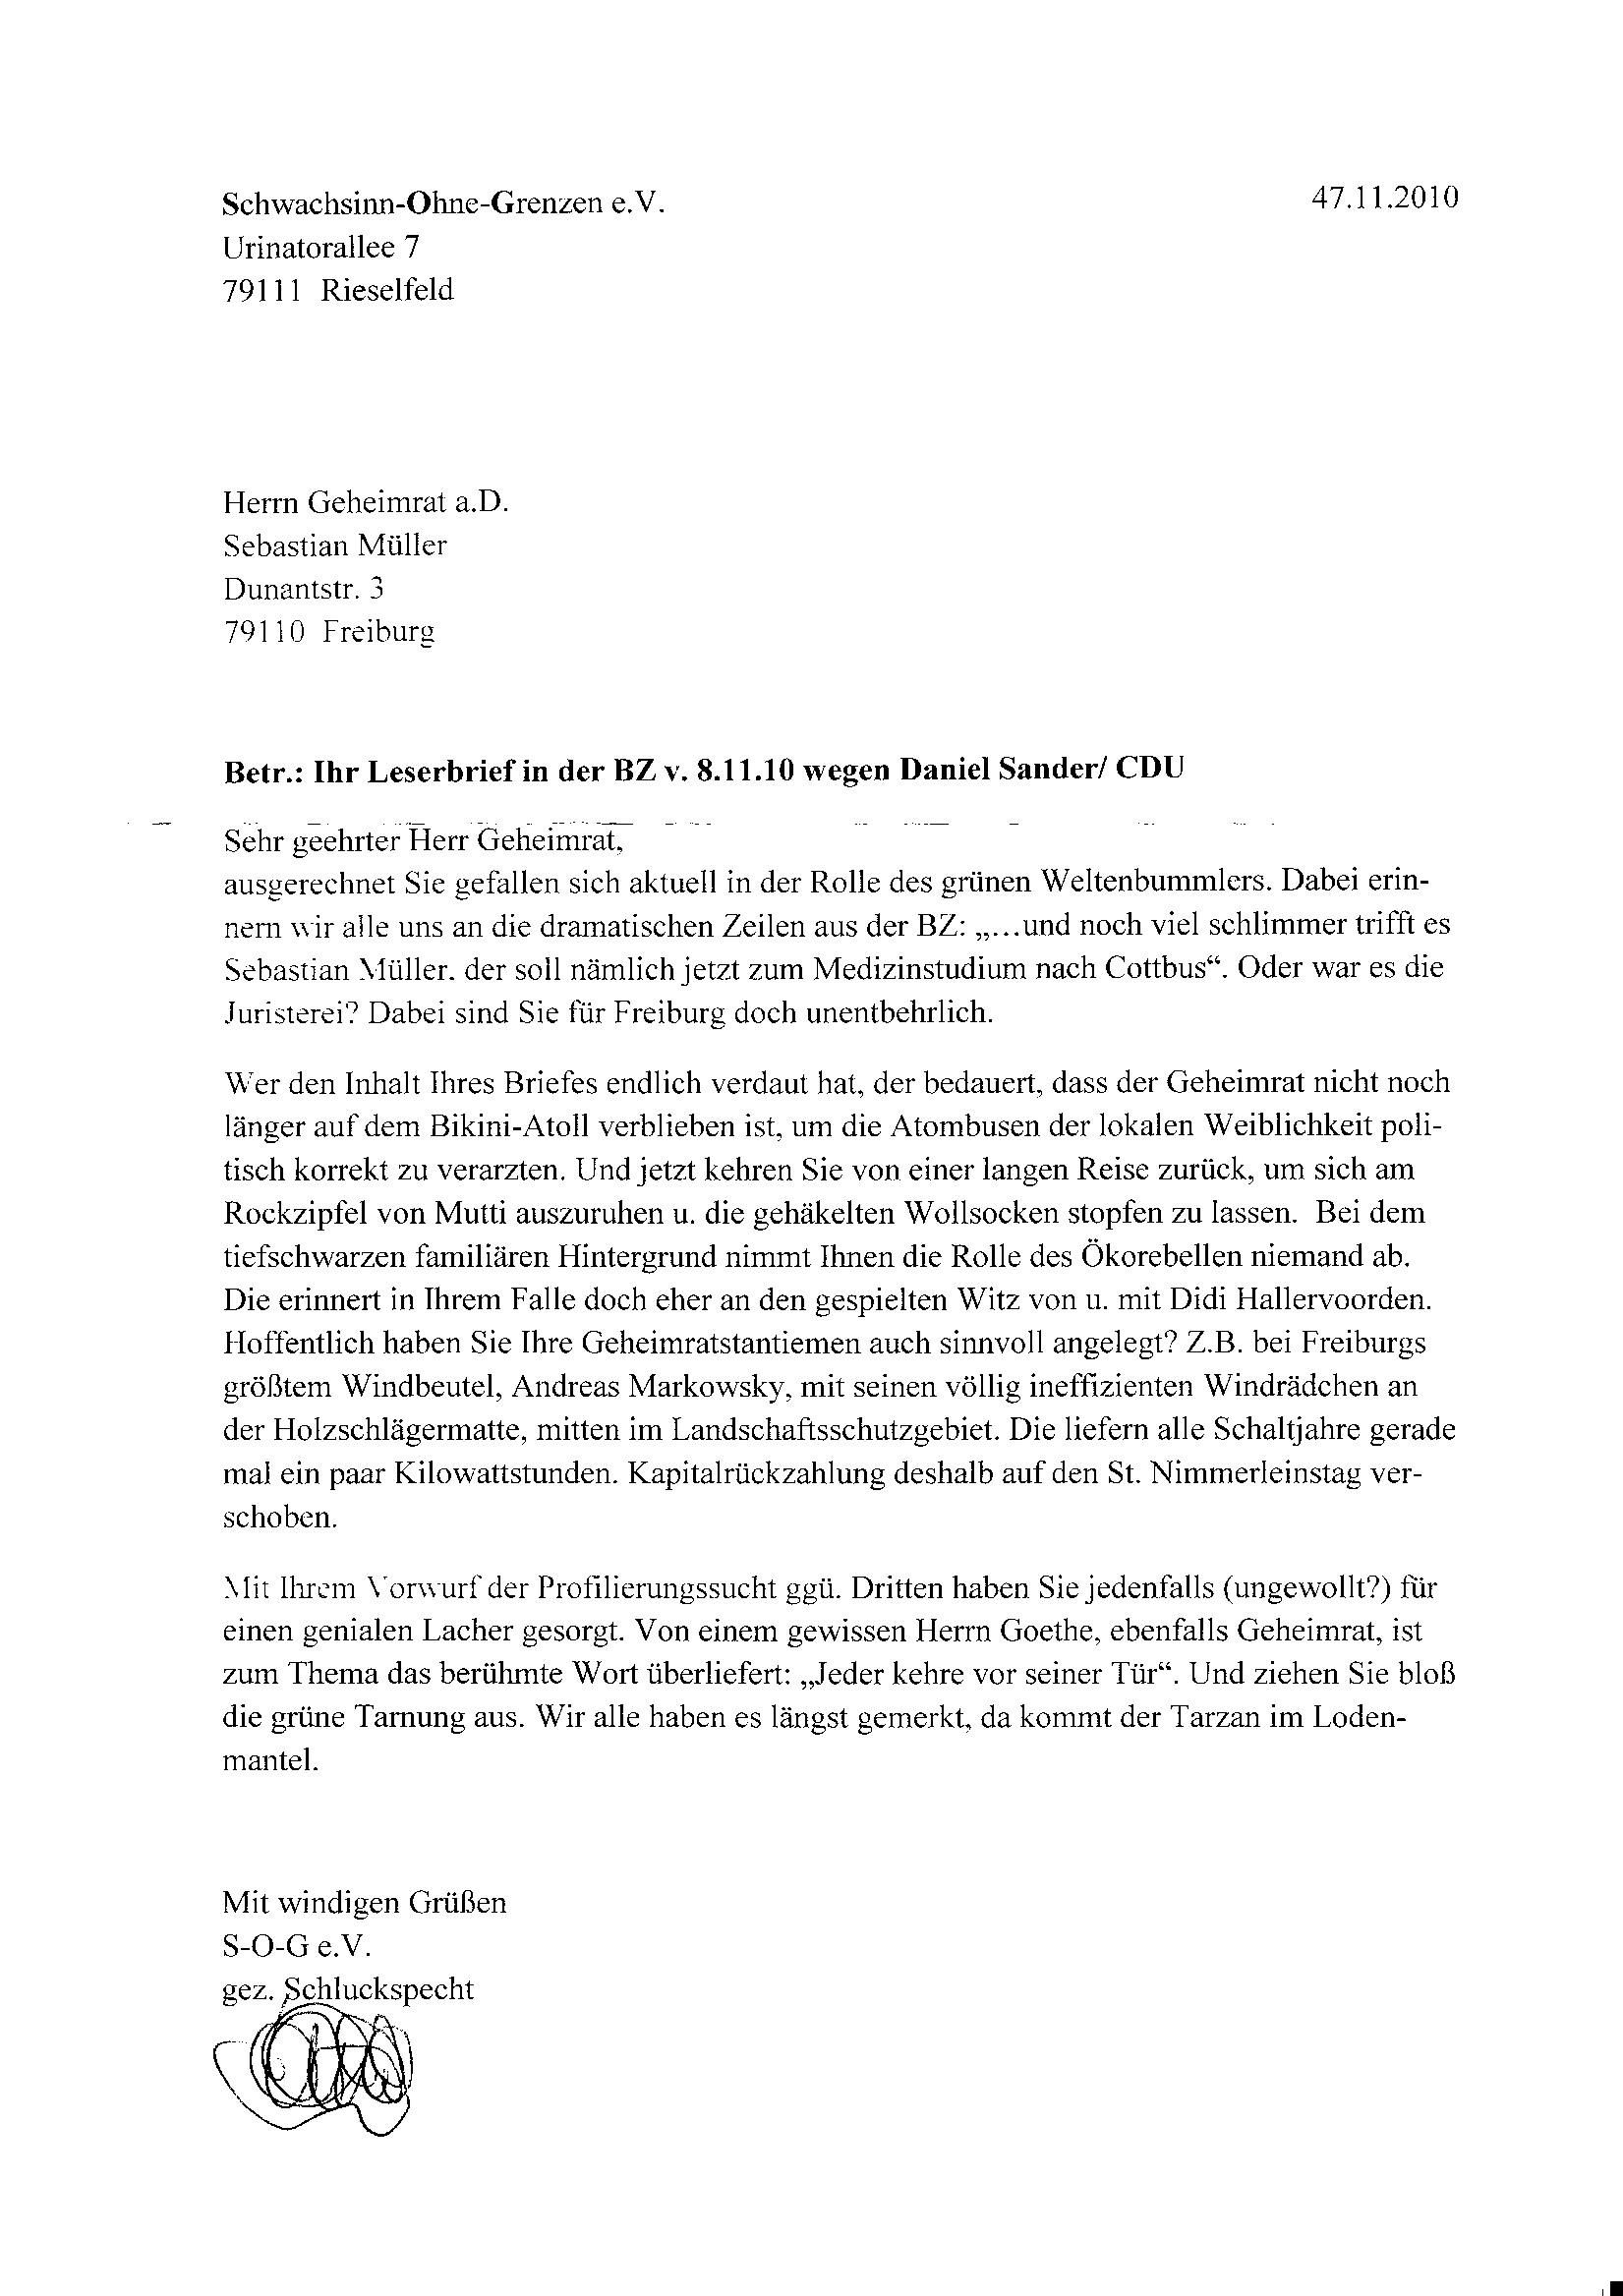 Briefe Nach Komma Groß : Groß formelle briefe bilder für das lebenslauf